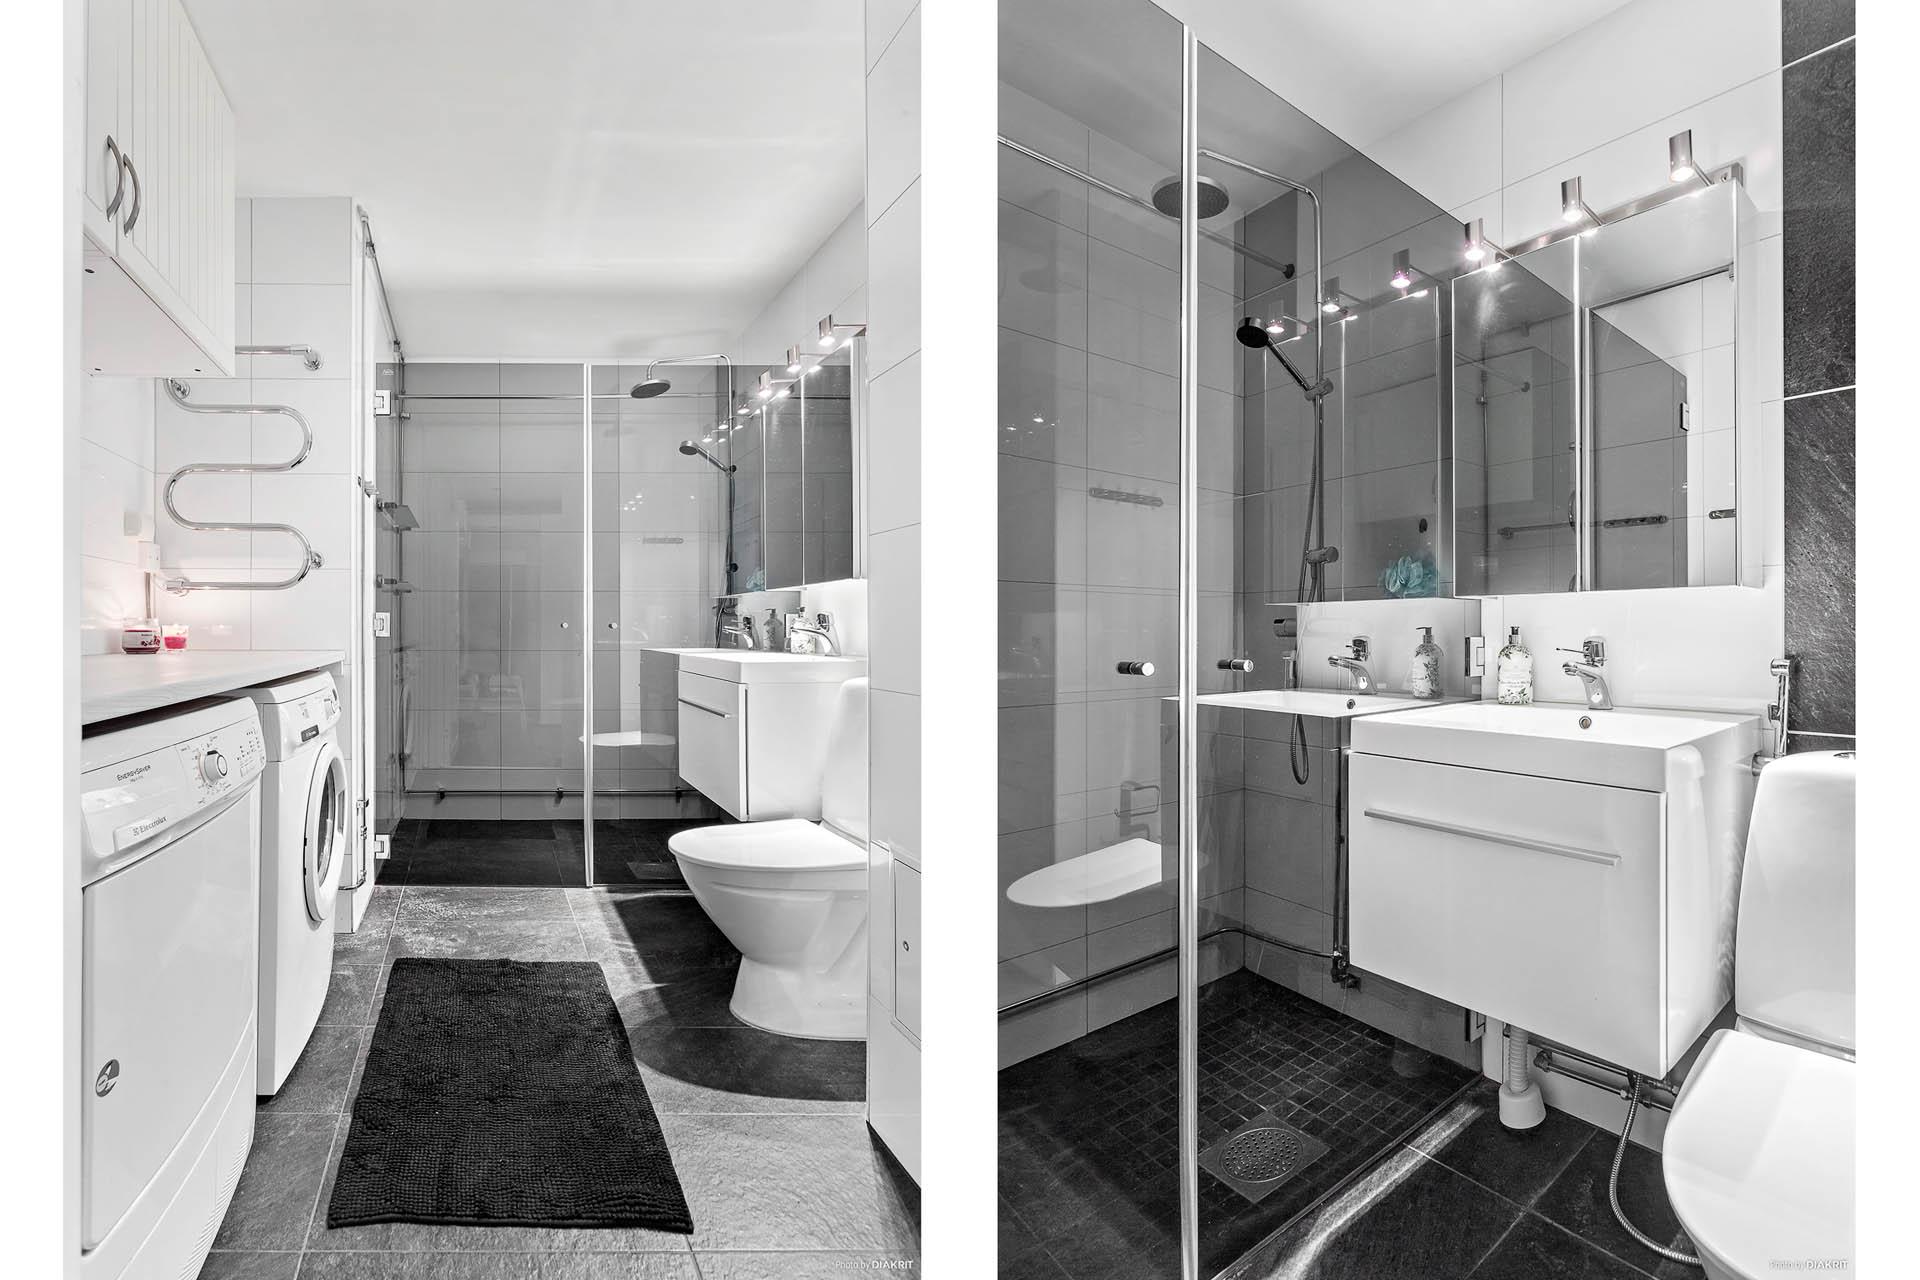 Badrum med tvättmaskin och torktumlare, golvvärme och stor dusch.